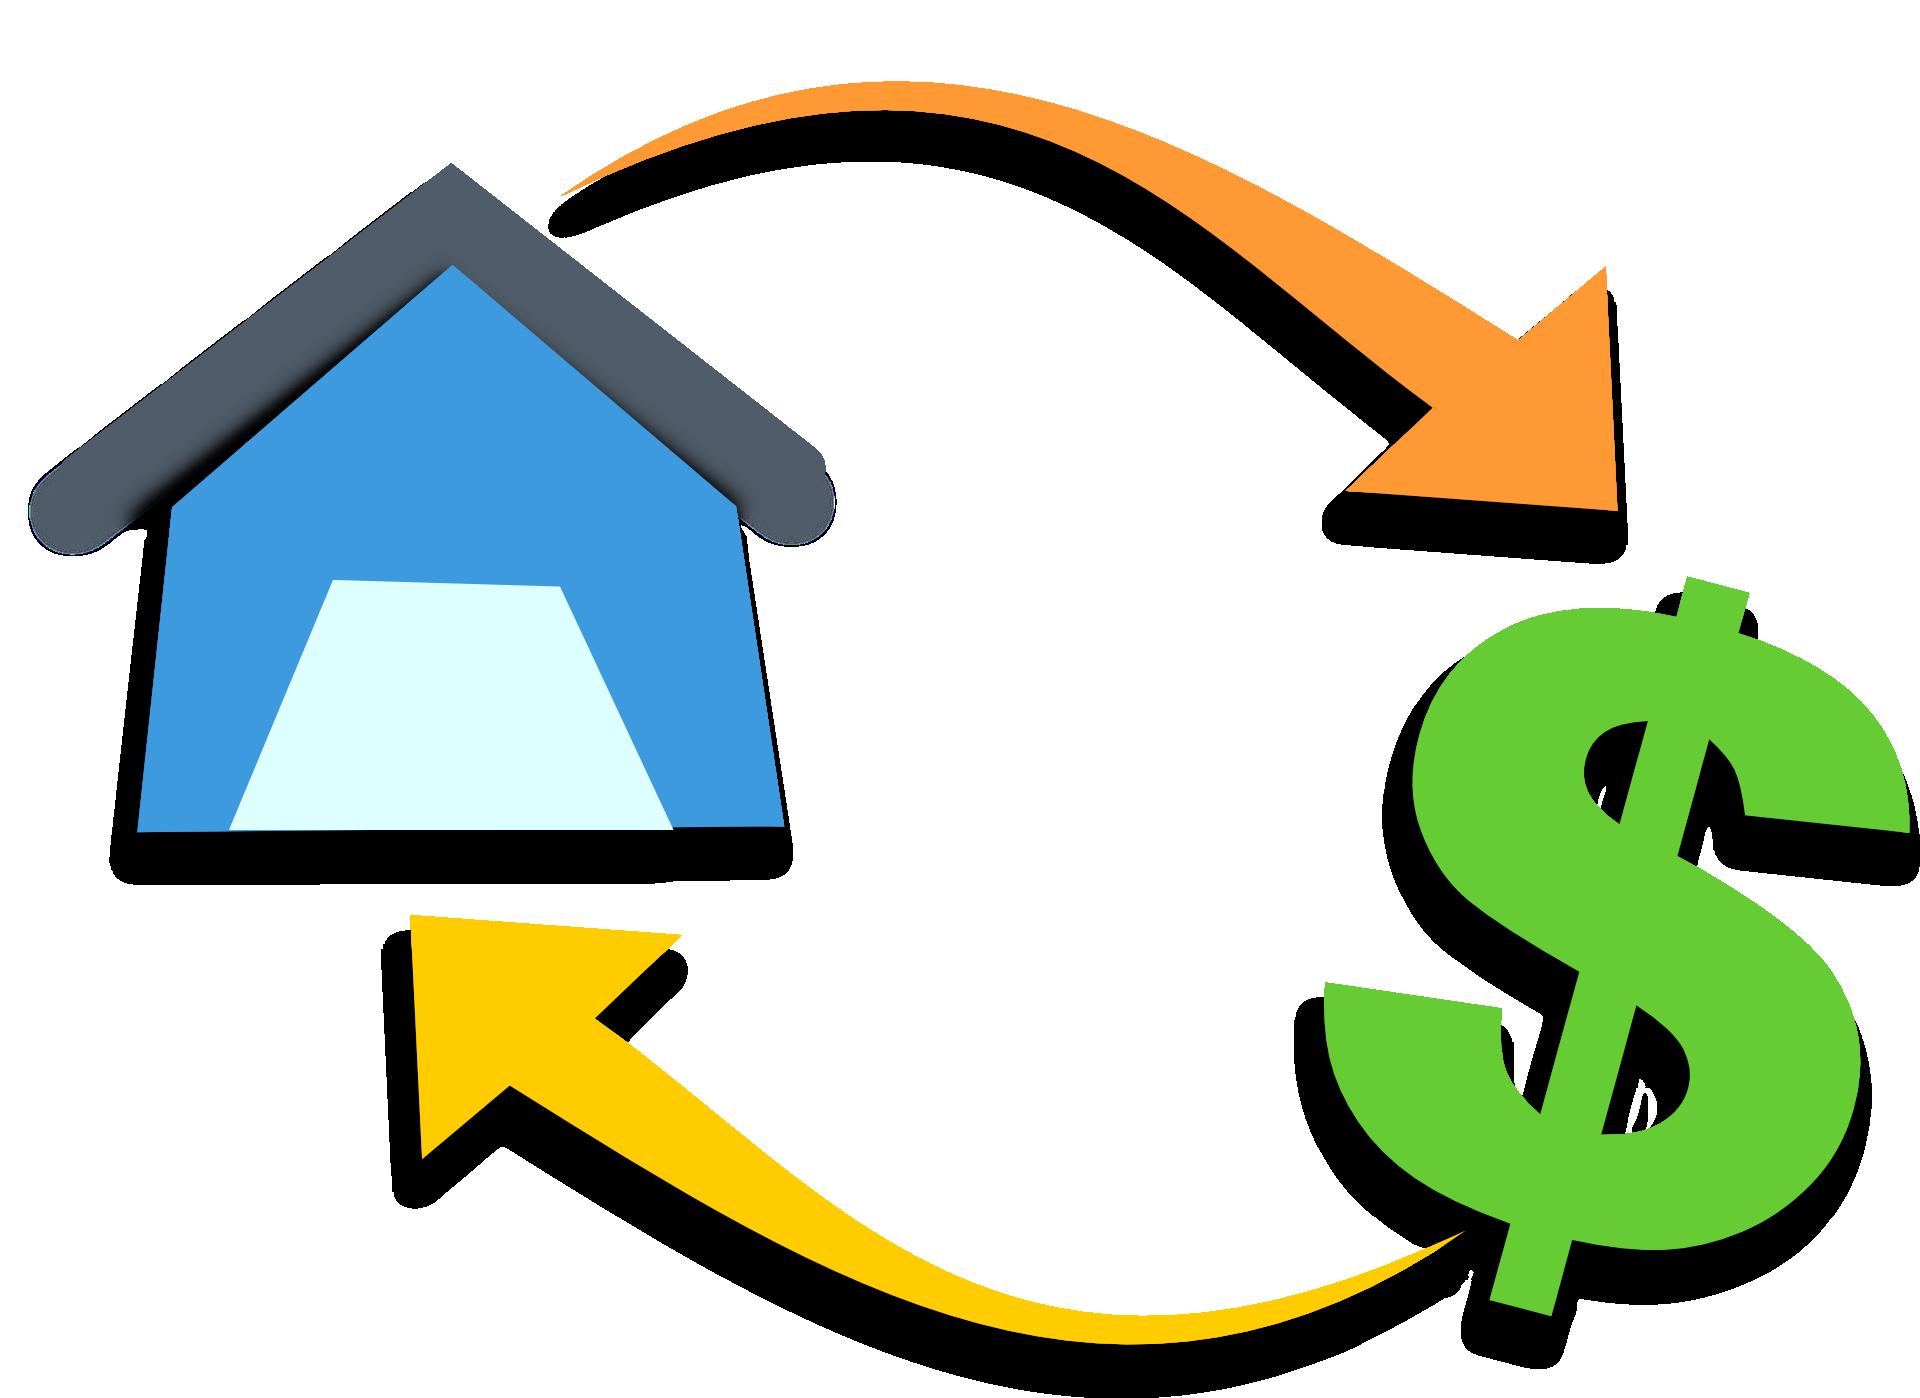 เงินฝากออมทรัพย์ Happy Home สำหรับลูกค้าสินเชื่อของธนาคาร - imoney